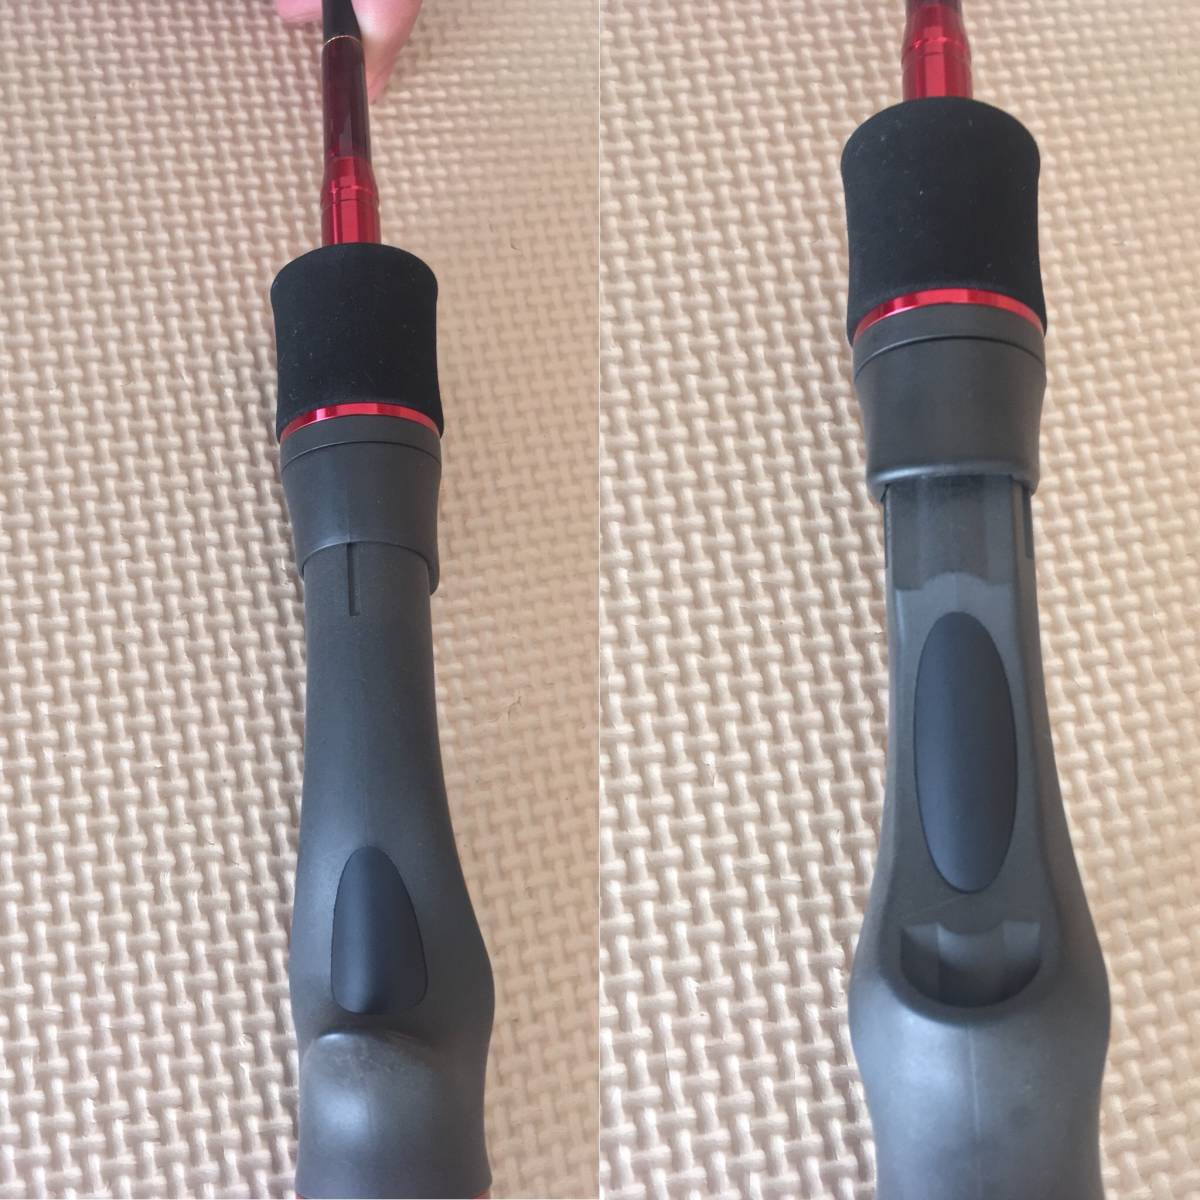 新品 TENRYU(テンリュウ)Red Flip(レッドフリップ) RF661B-L (TAI-RUBBER)  保証書・袋付 タイラバロッド-日本代购网图片8链接